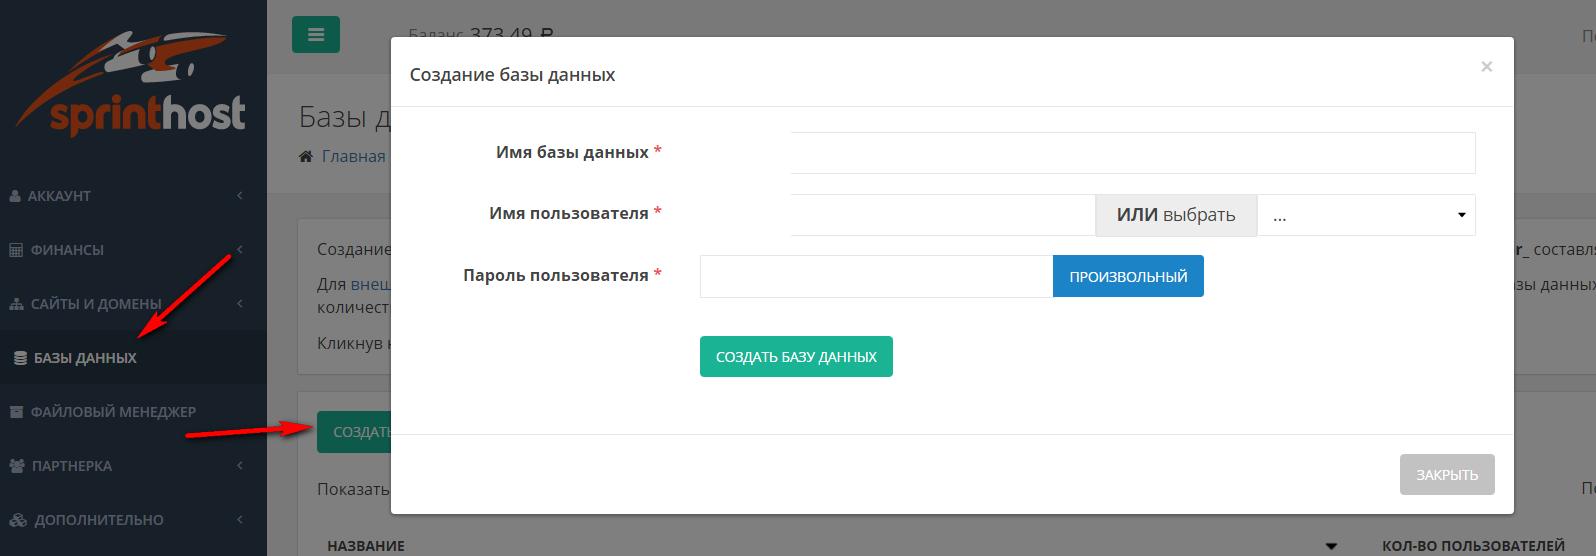 Wordpress сделать сайт на хостинге при переносе хостинга базу данных